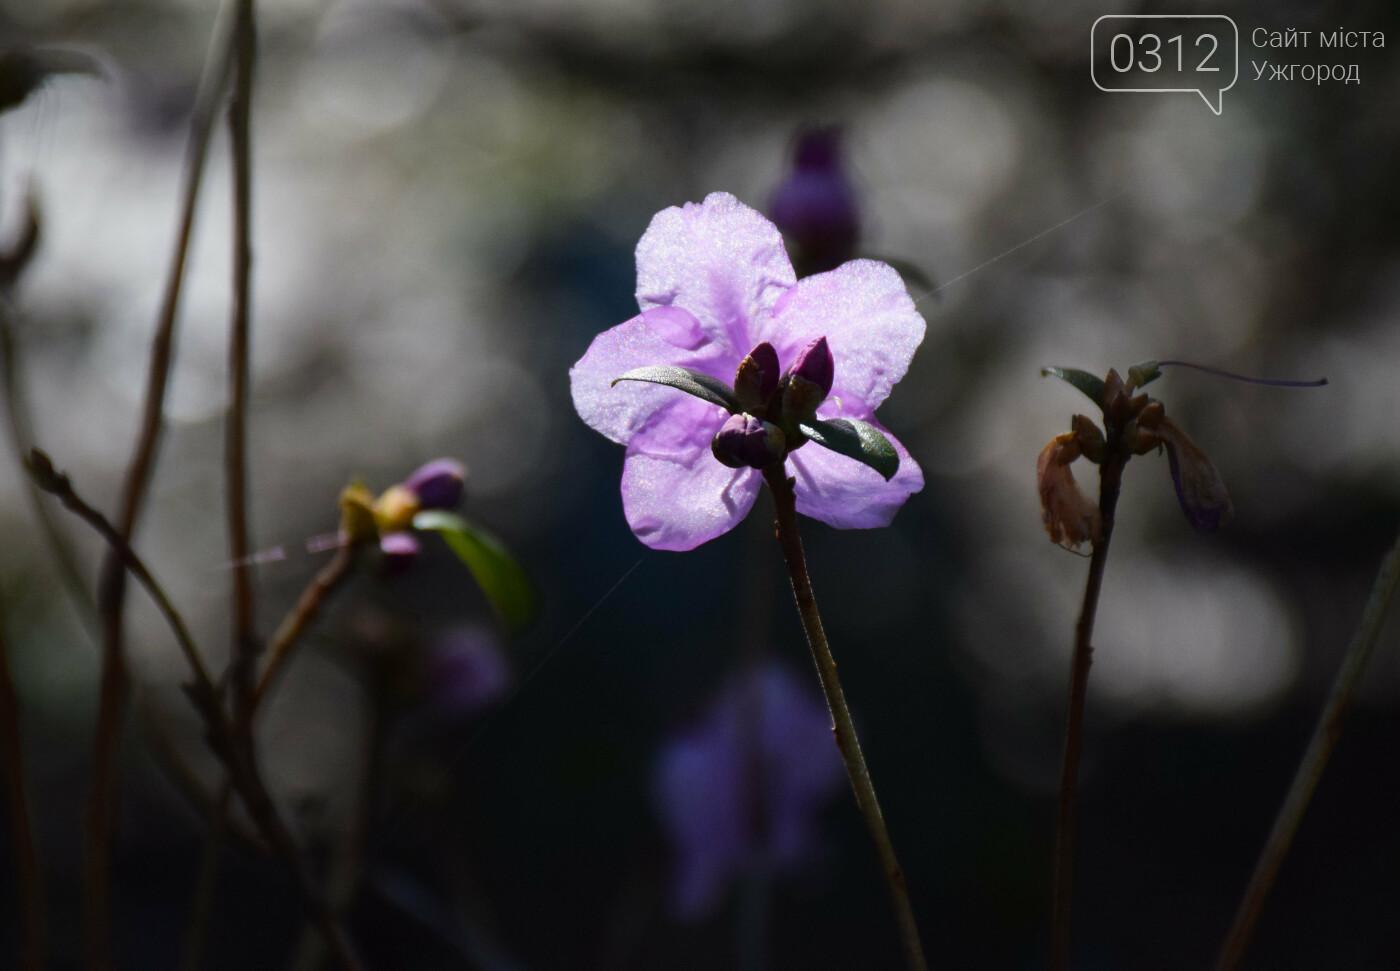 Ужгород квітне! Шукаємо весну й у собі (ФОТОРЕПОРТАЖ), фото-2